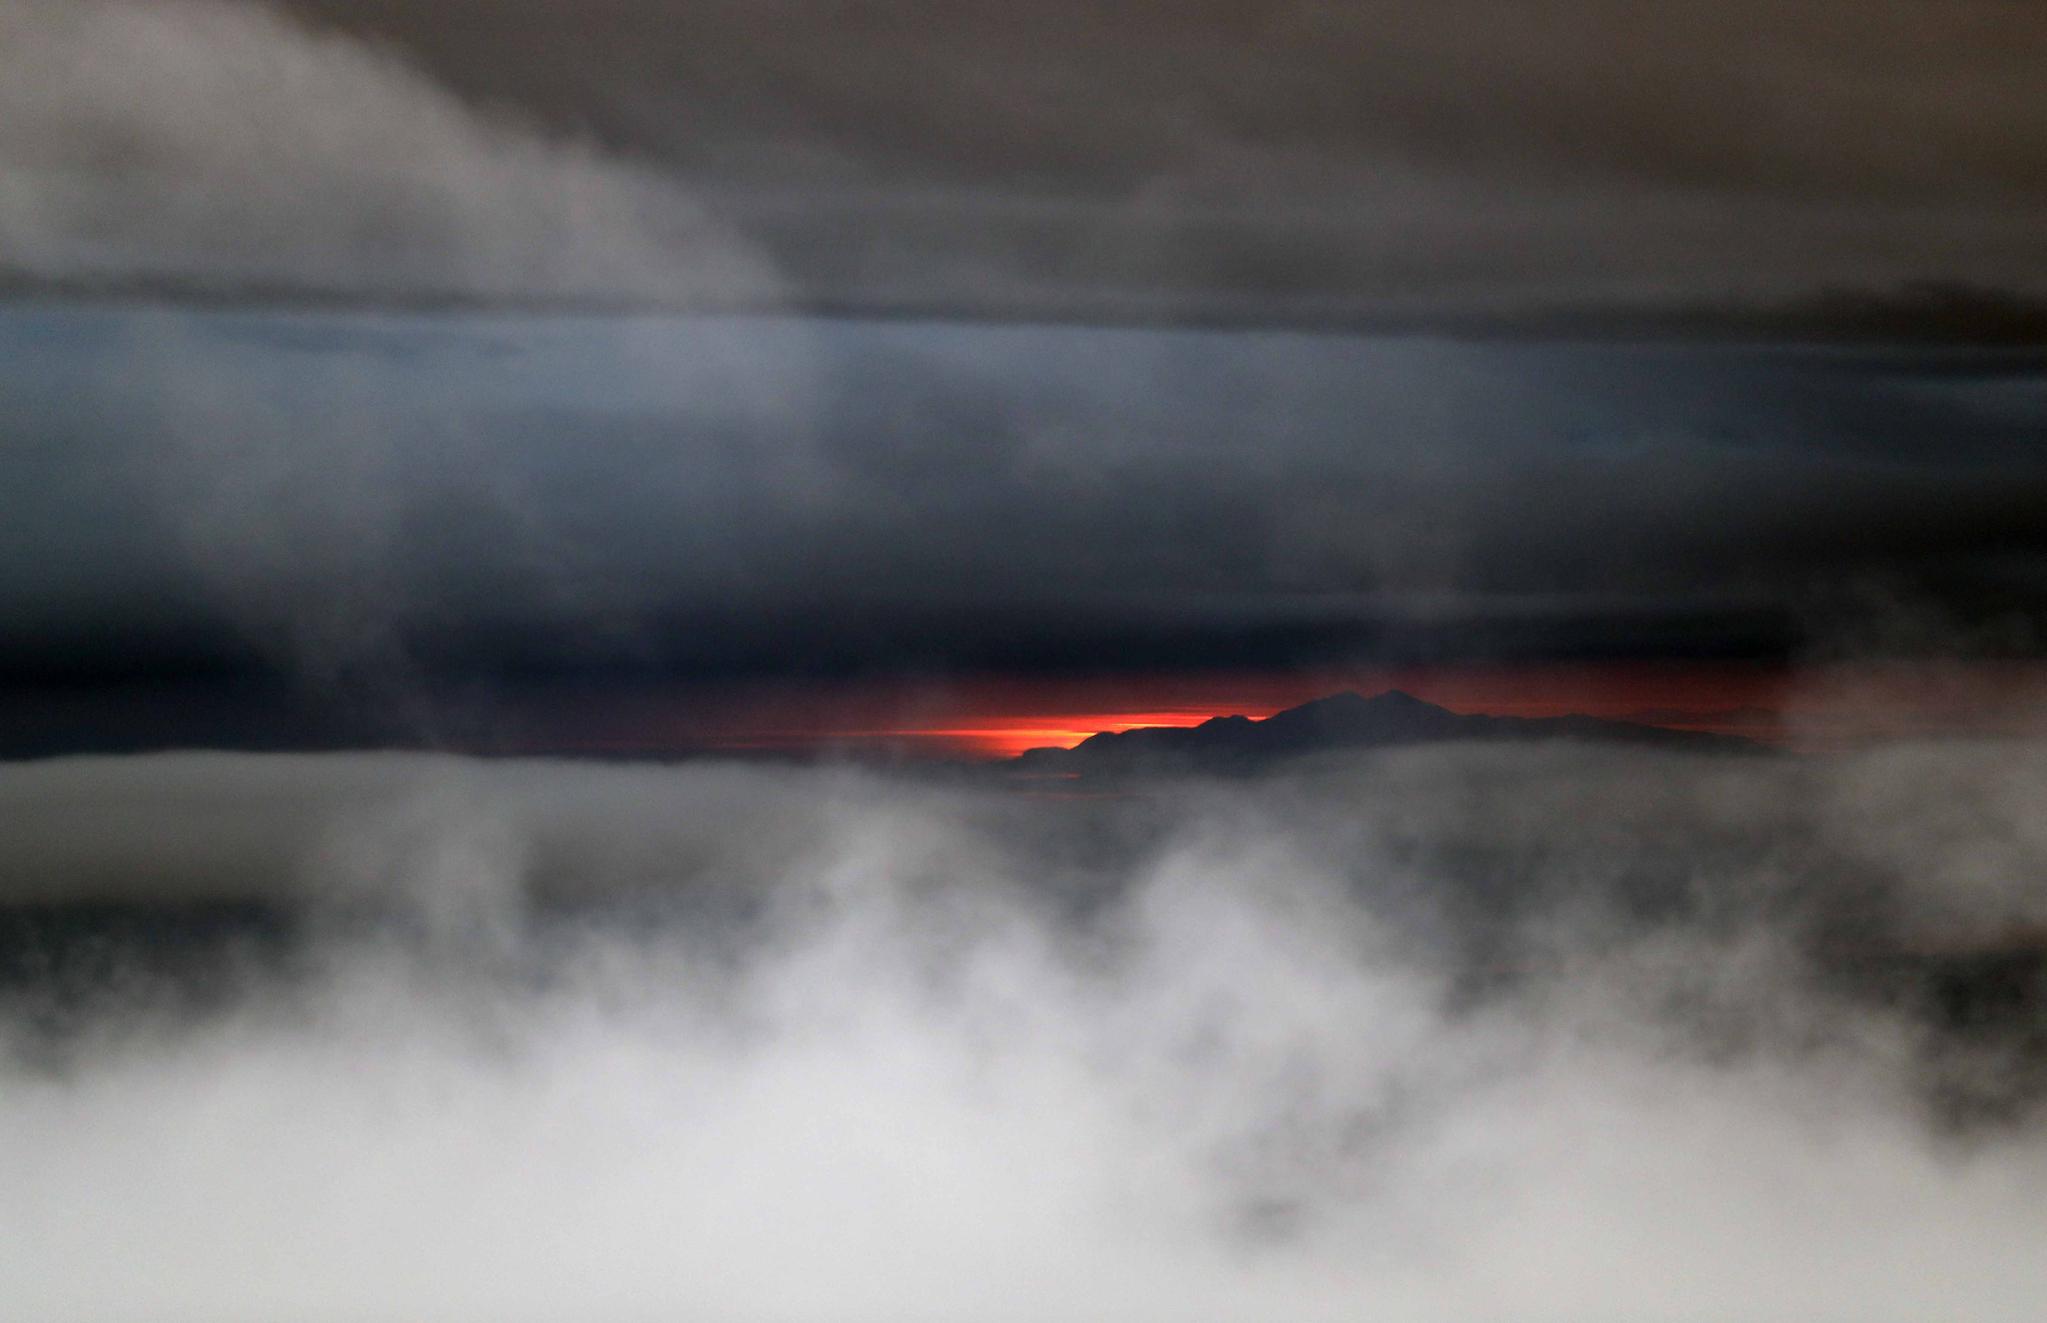 관악산 뒤로 붉은 노을이 졌습니다. 해의 움직임, 다시 말해 지구의 움직임을 가장 선명하게 느낄 수 있는 때는 아침 일출과 오후 일몰 시간입니다. 이 때는 시간이 움직임이' 보인다'는 표현이 맞을 듯 합니다.